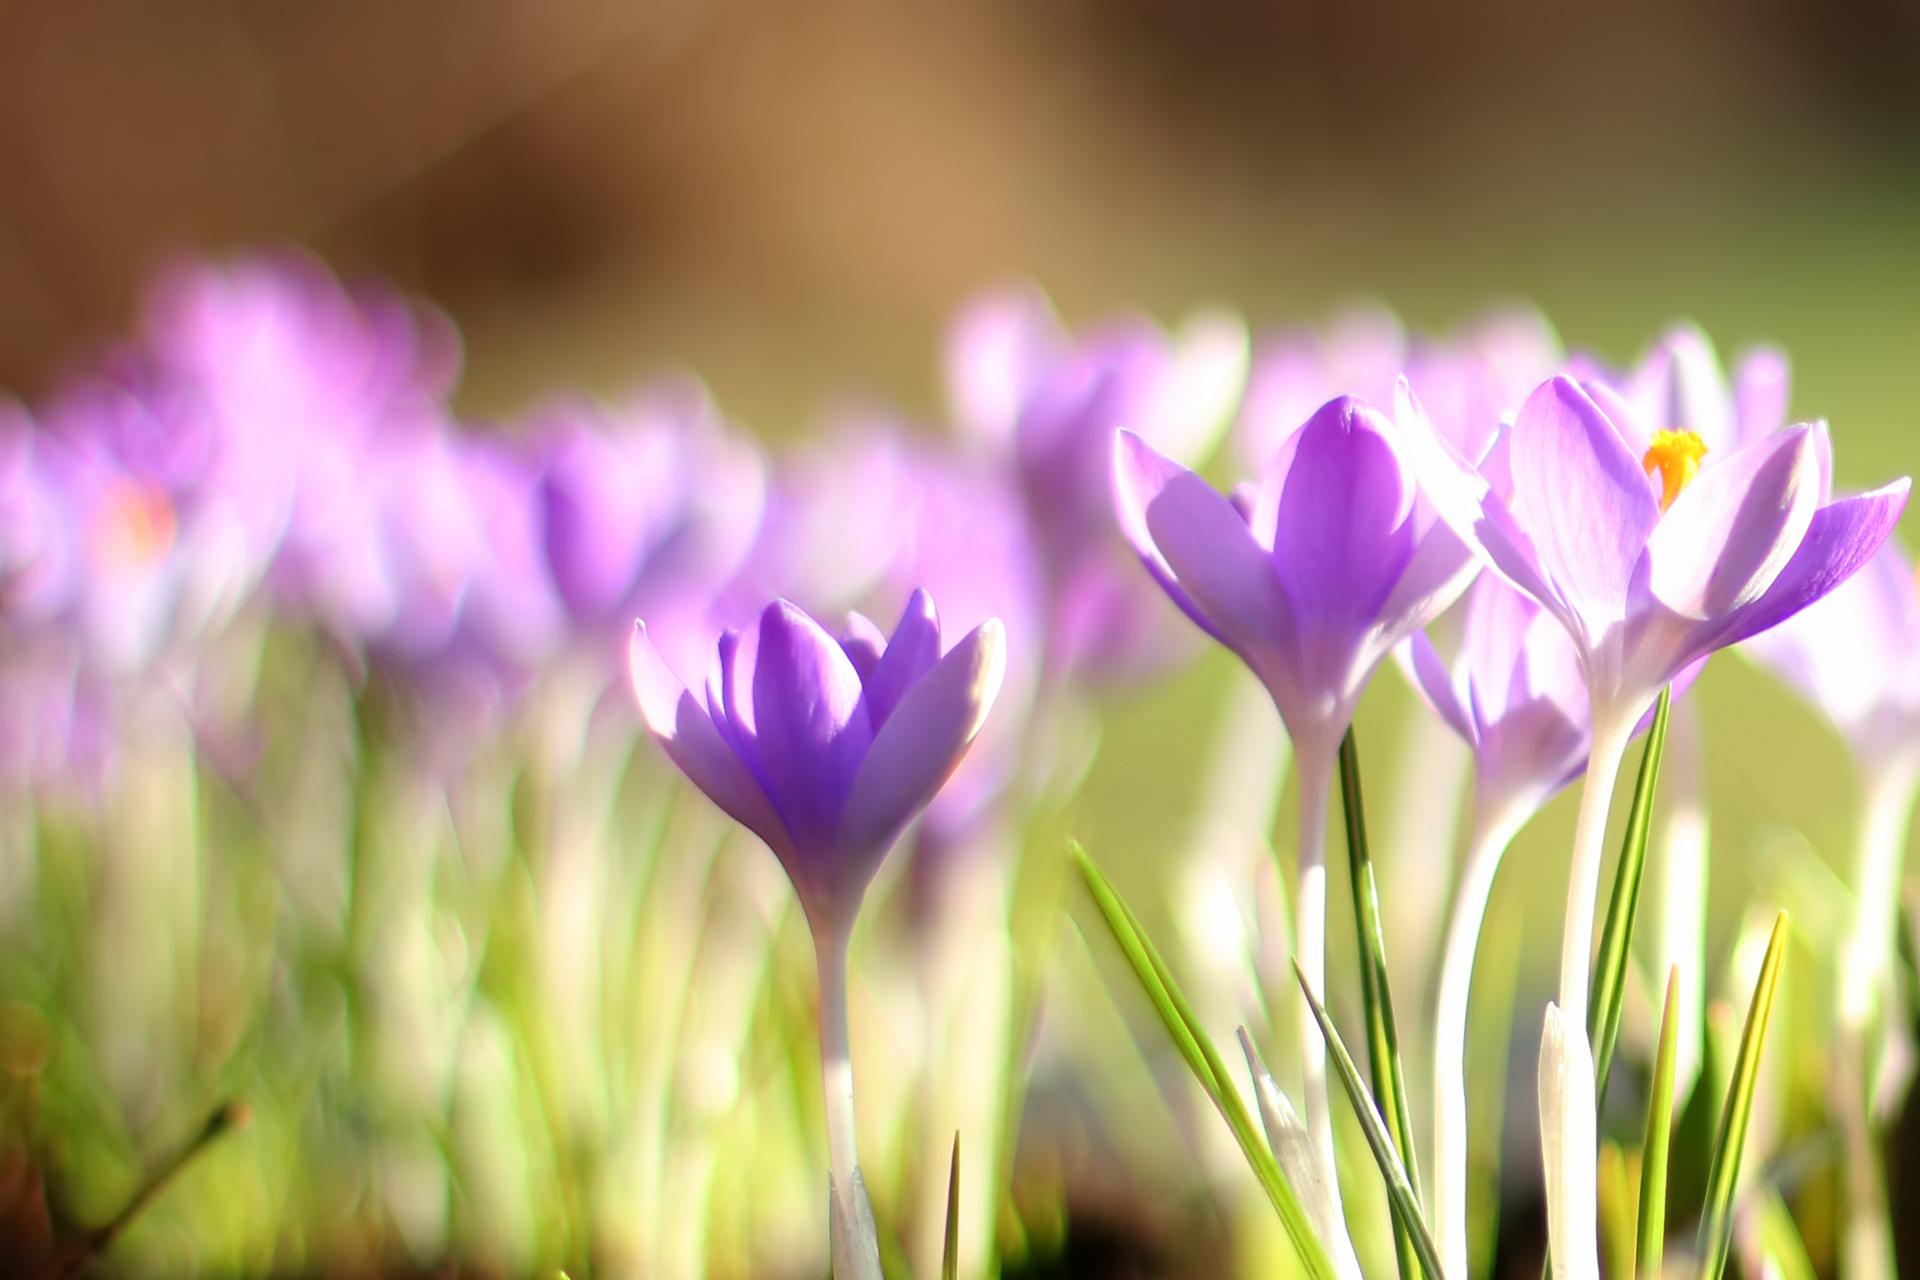 руками красивые картинки весна на рабочий стол широкоформатные моей